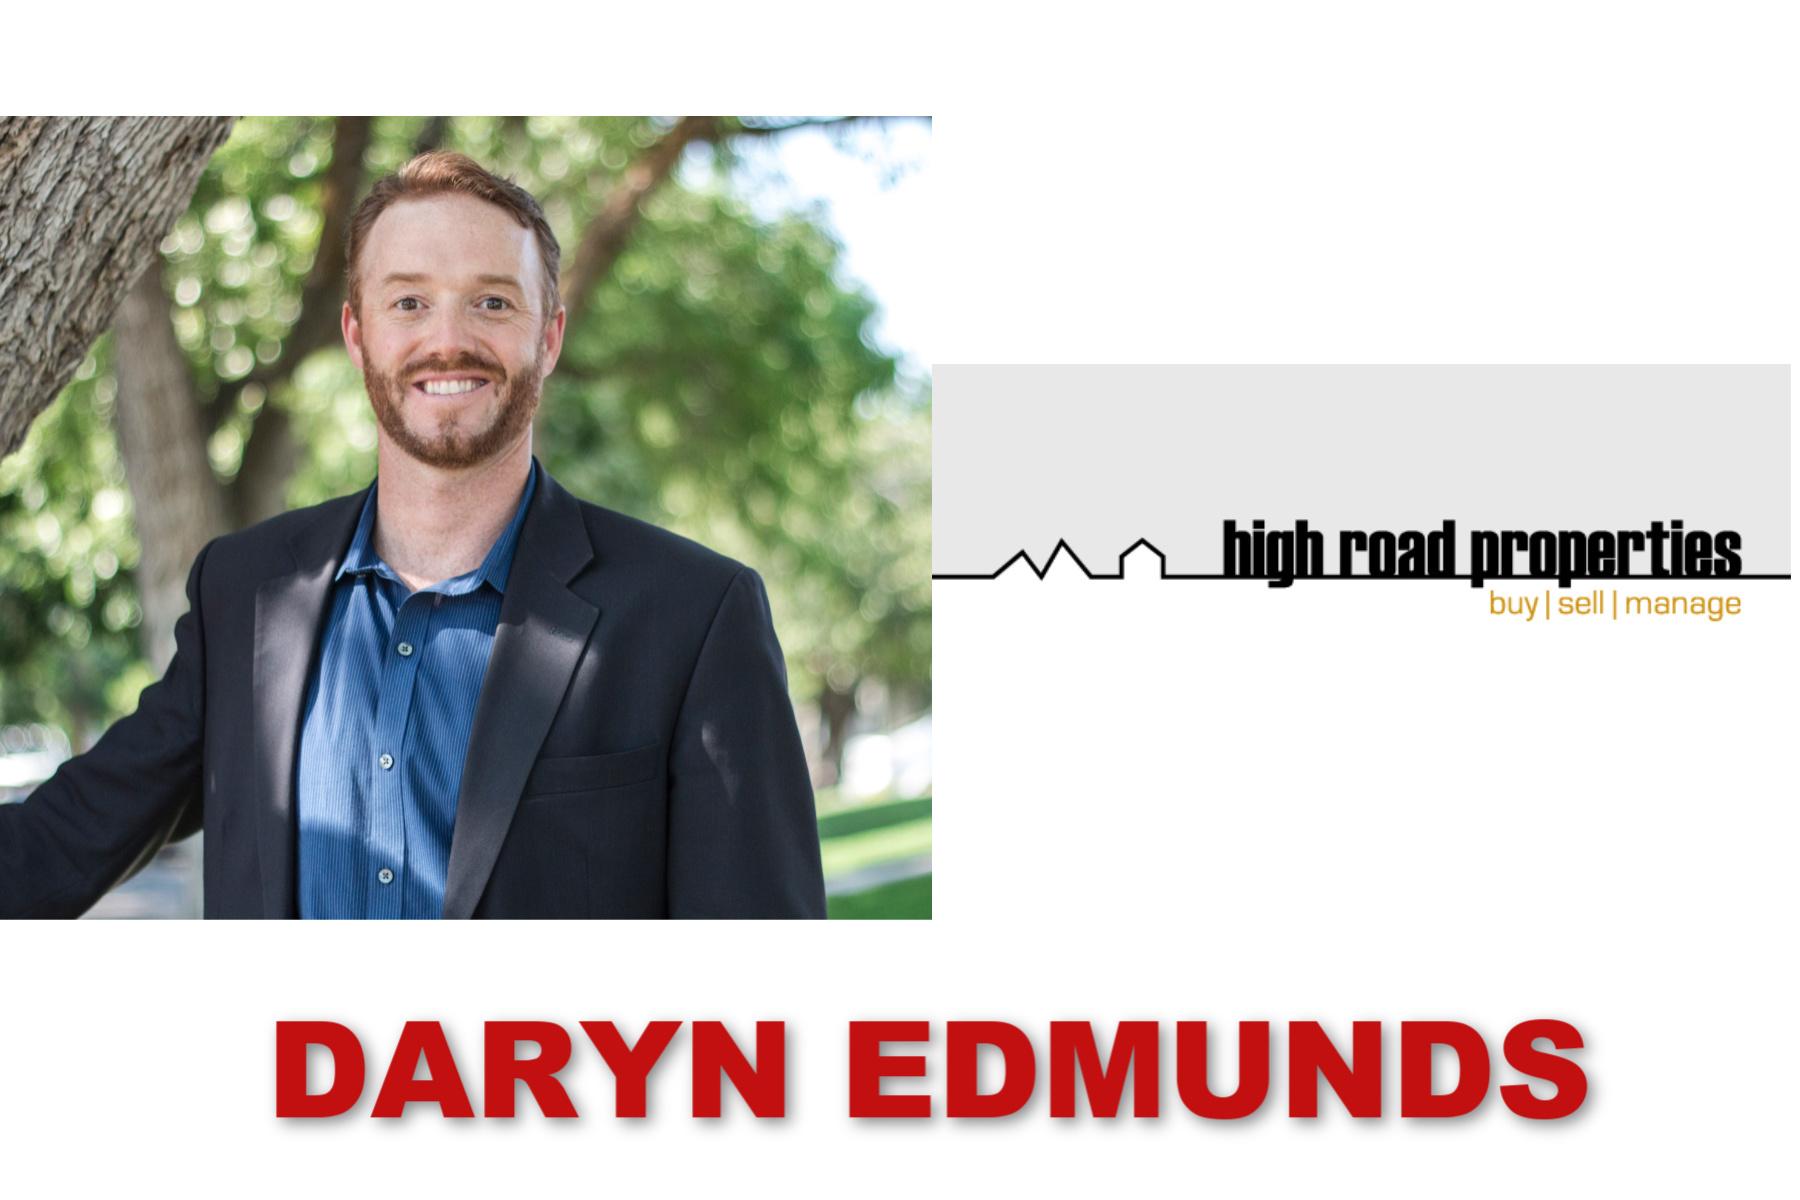 DARYN EDMUNDS